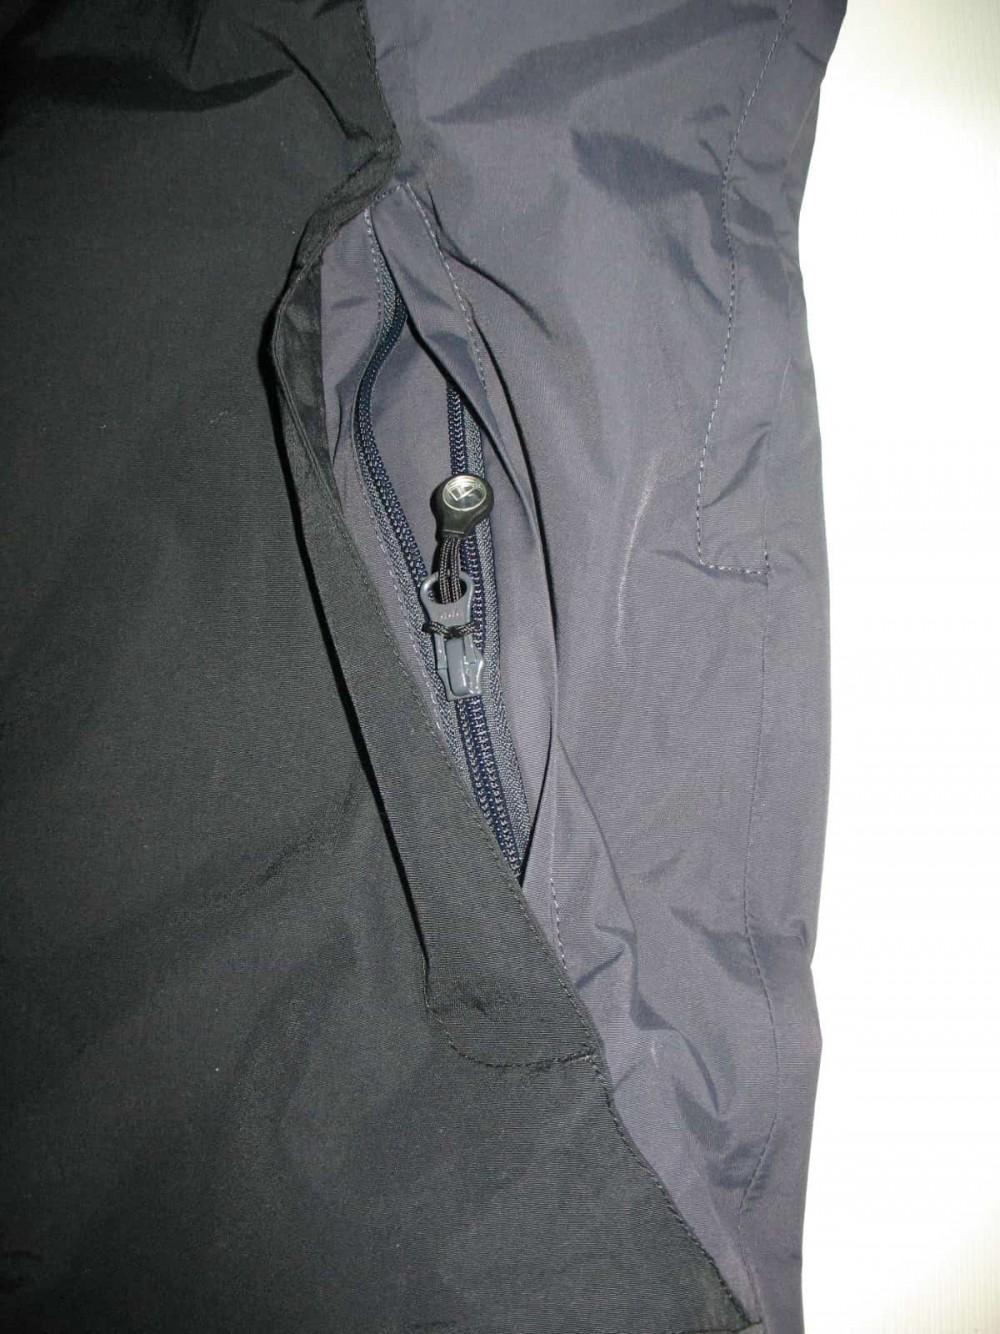 Куртка STORMBERG veiviser jacket (размер L) - 7